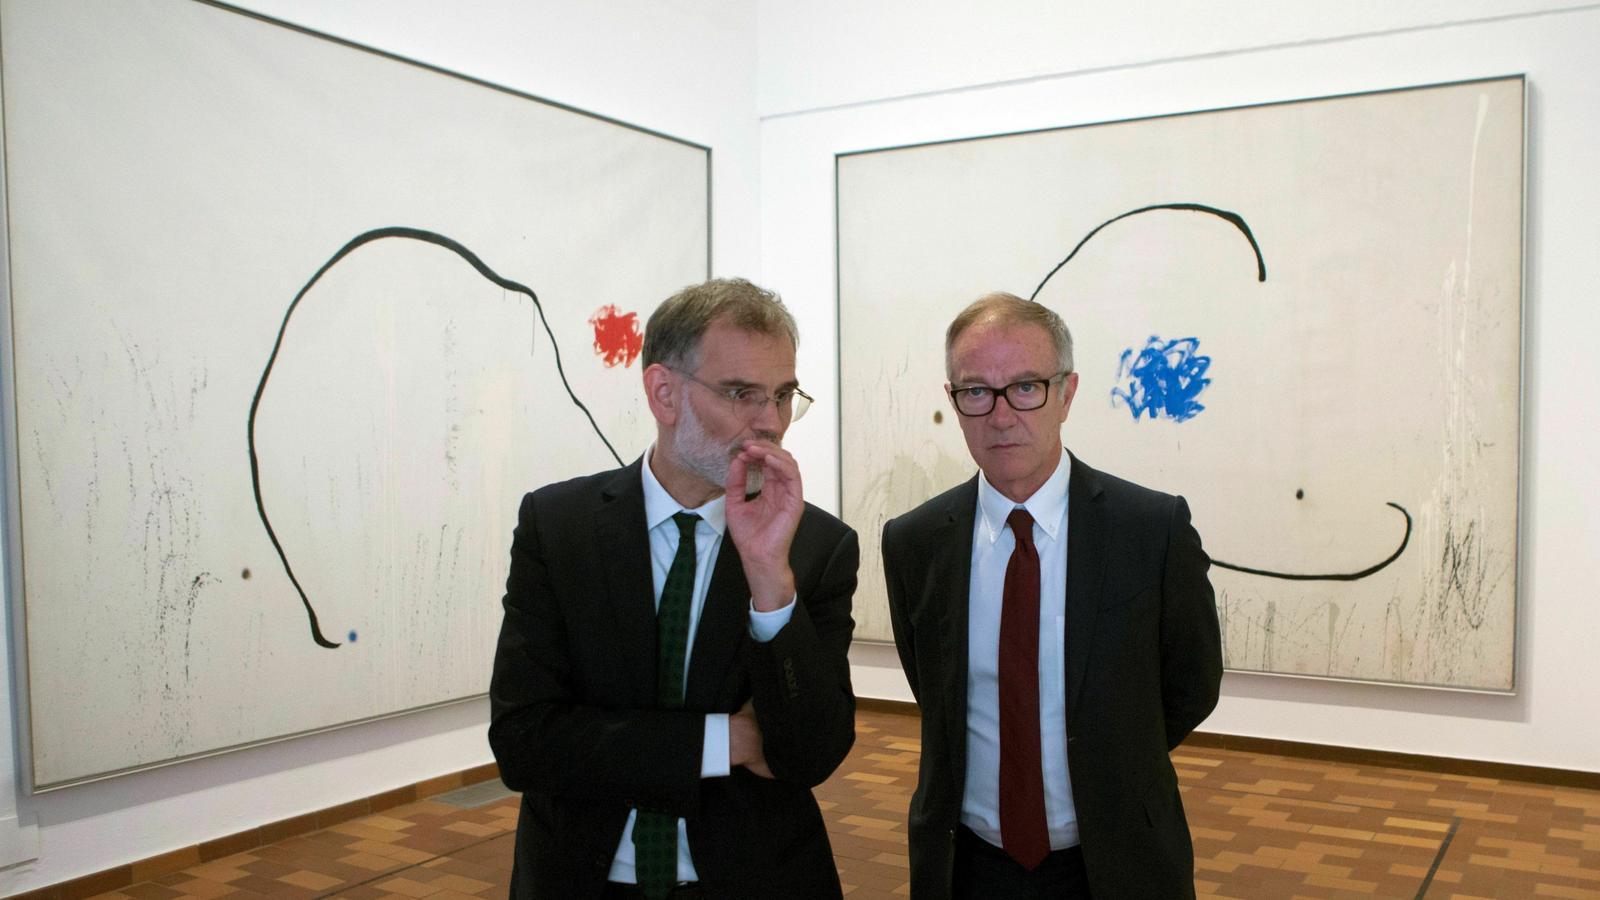 El director de la Fundació Joan Miró, Marko Daniel (esquerra) i el ministre de Cultura José Guirao a la Fundació Joan Miró aquest dijous